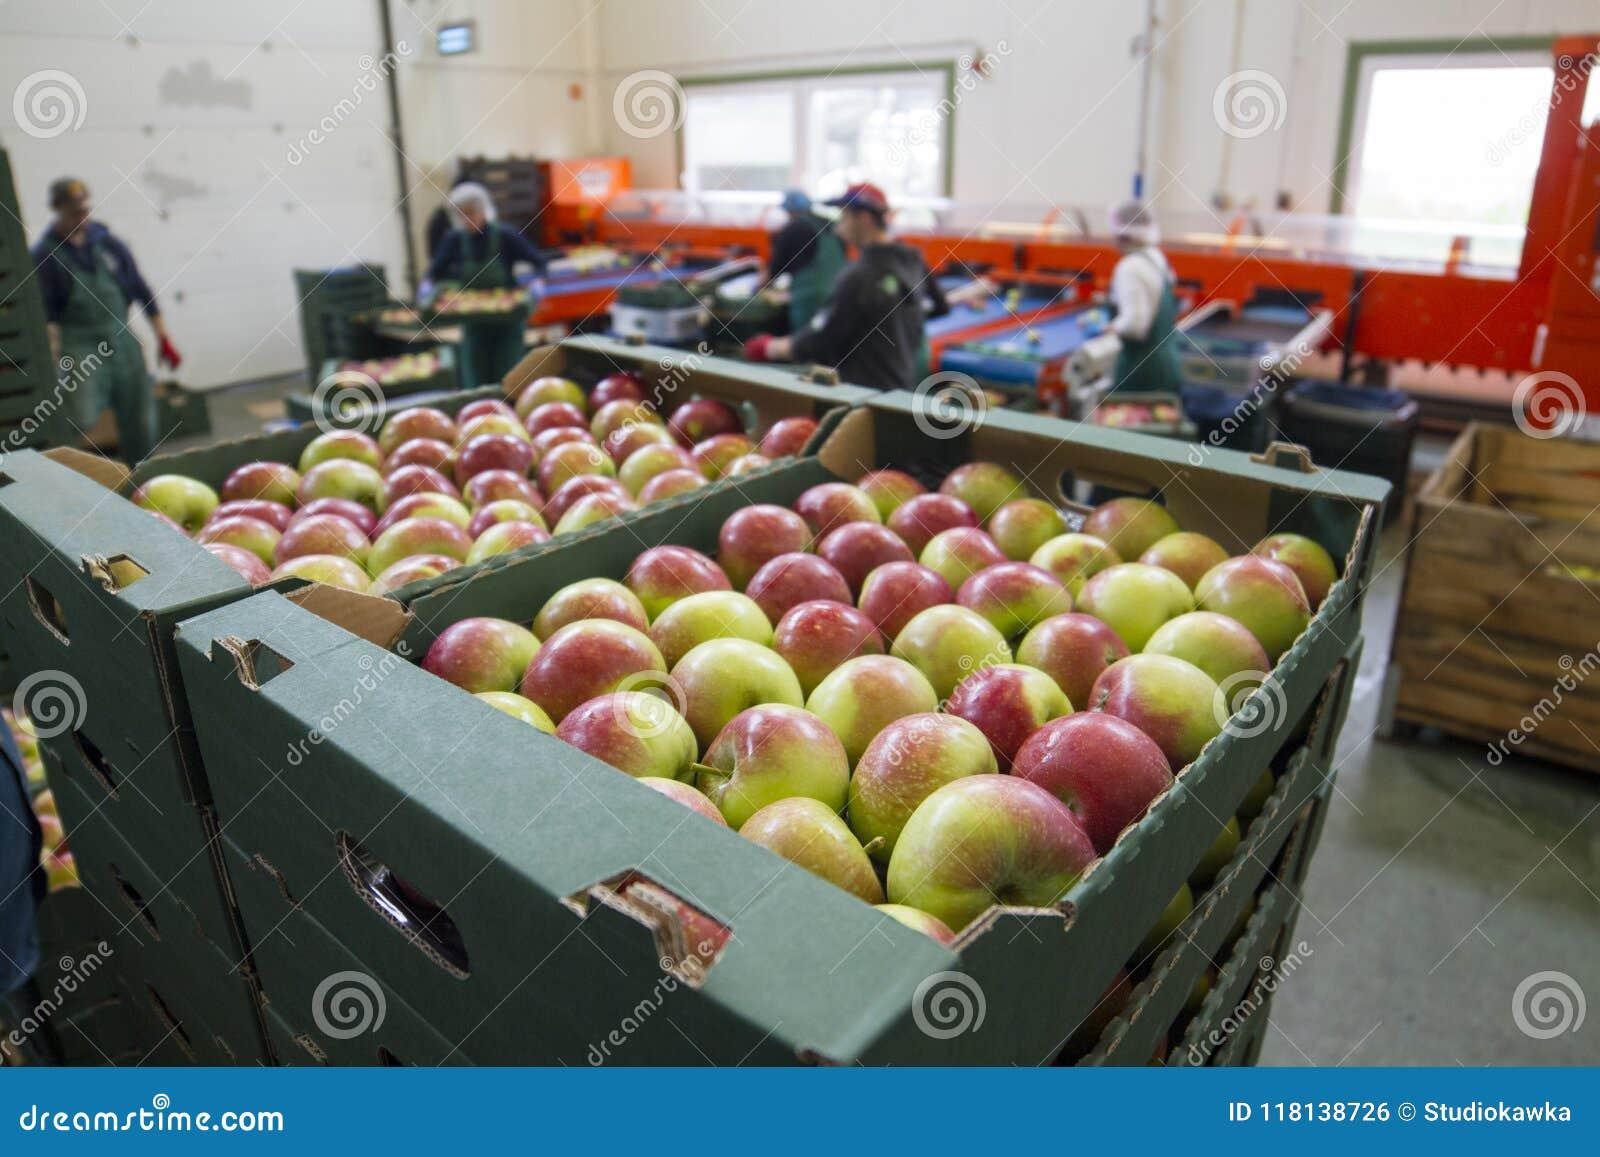 Fruitverwerkingsinstallatie, Polen, Lubelskie, 08 2014